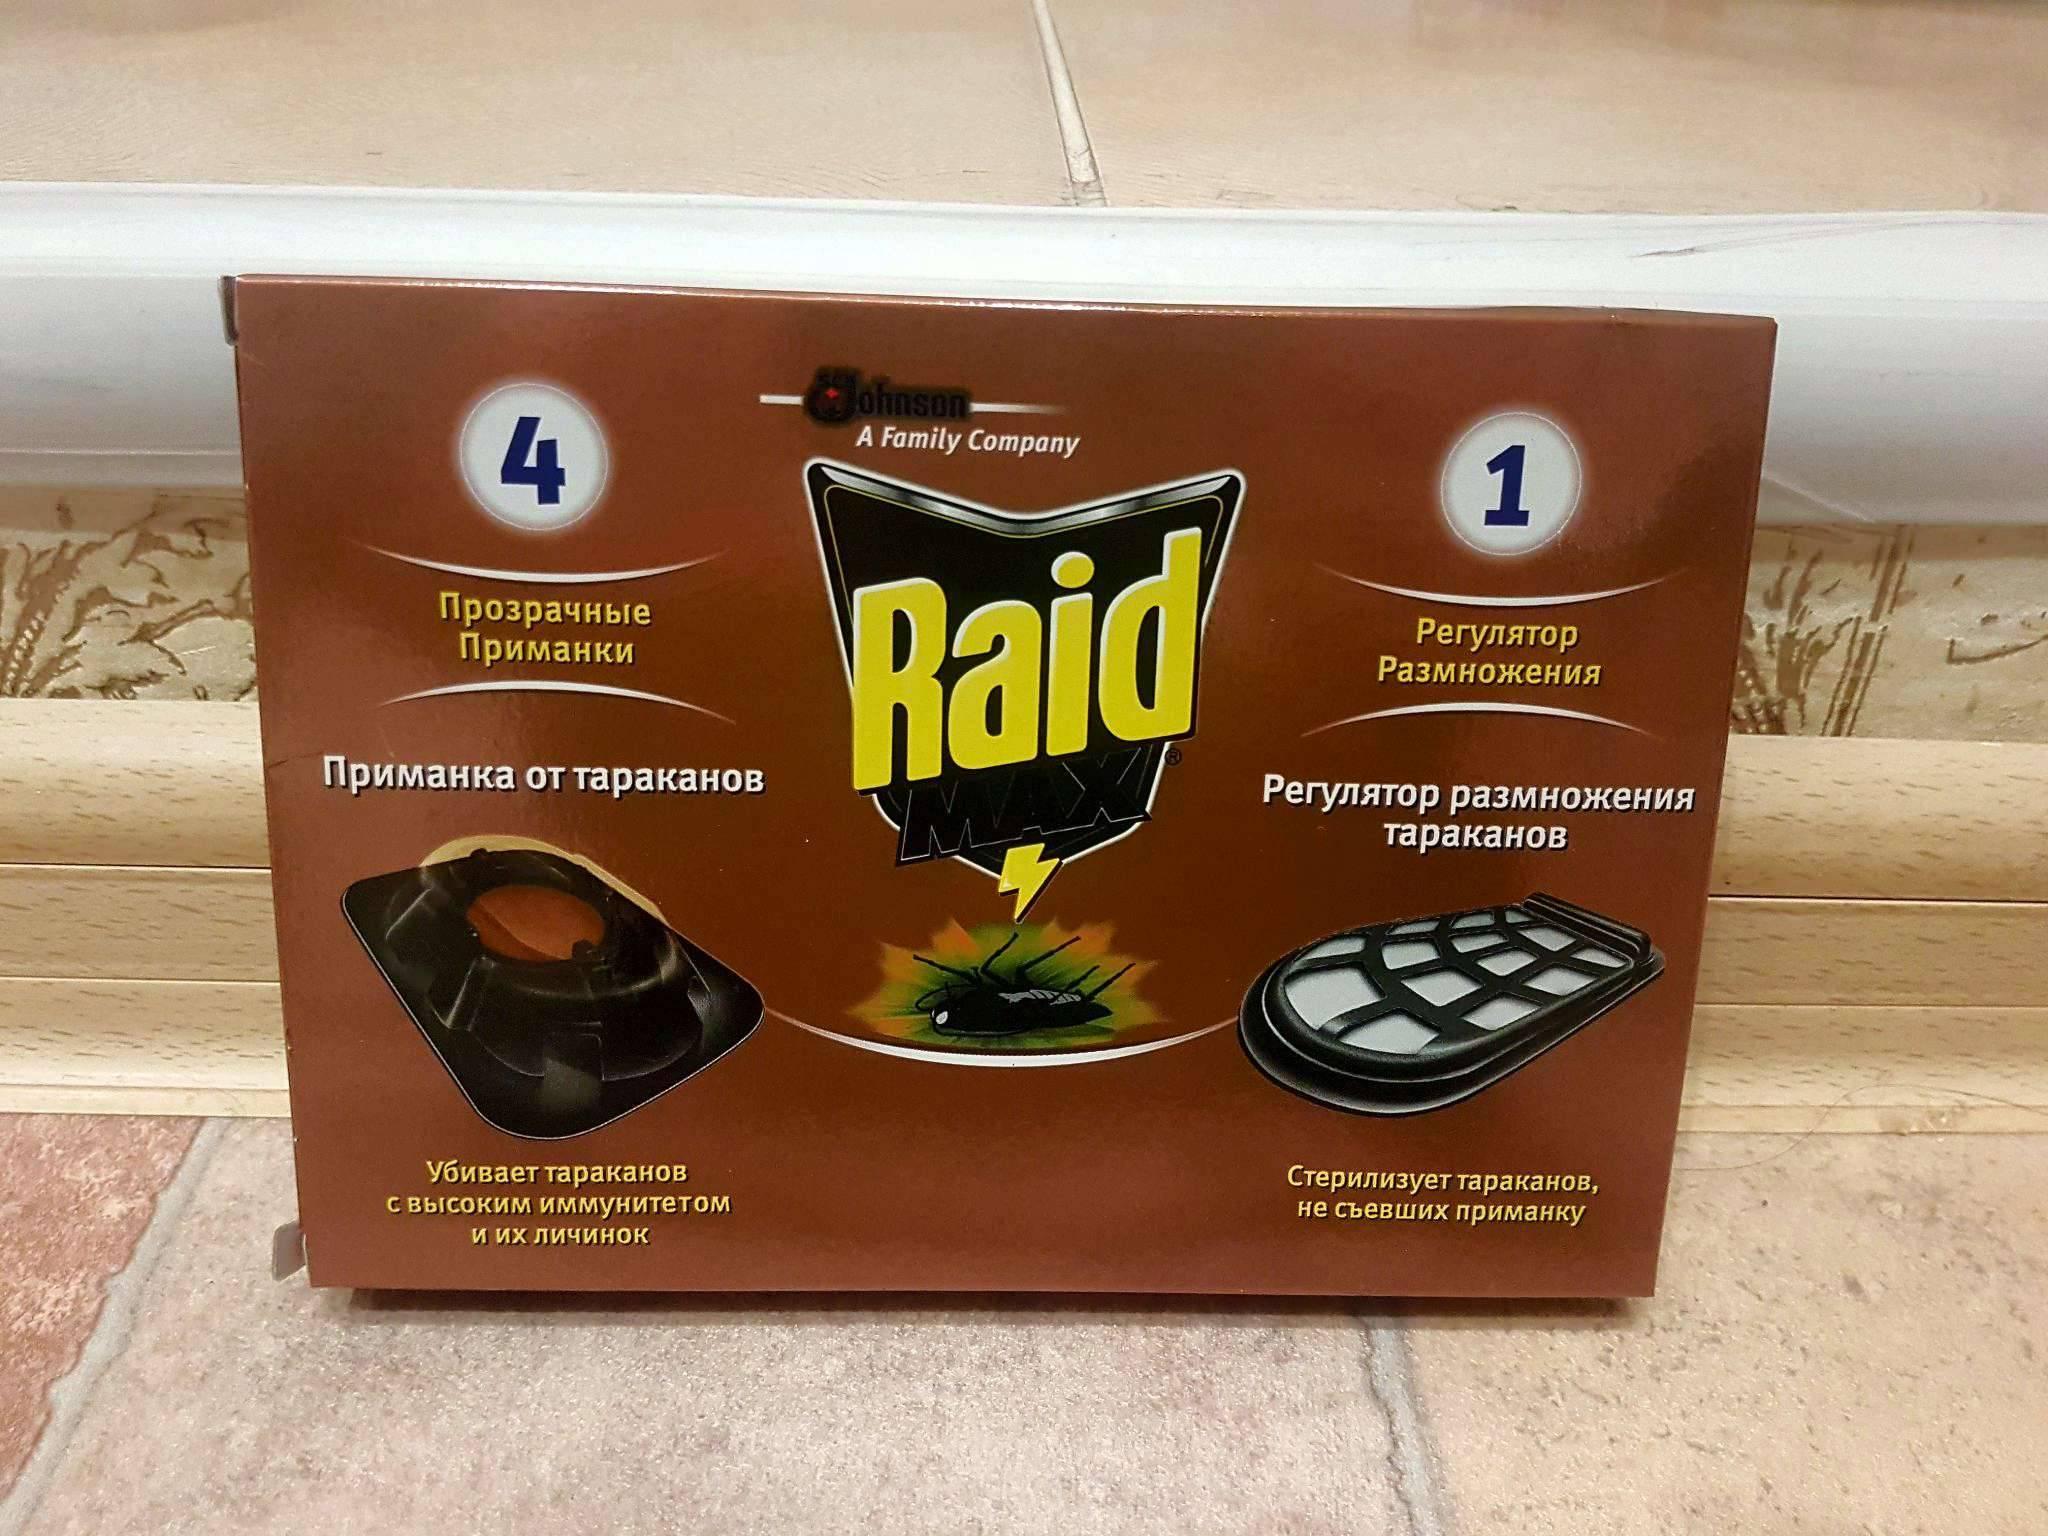 Средство от тараканов рейд (raid): его виды и применение